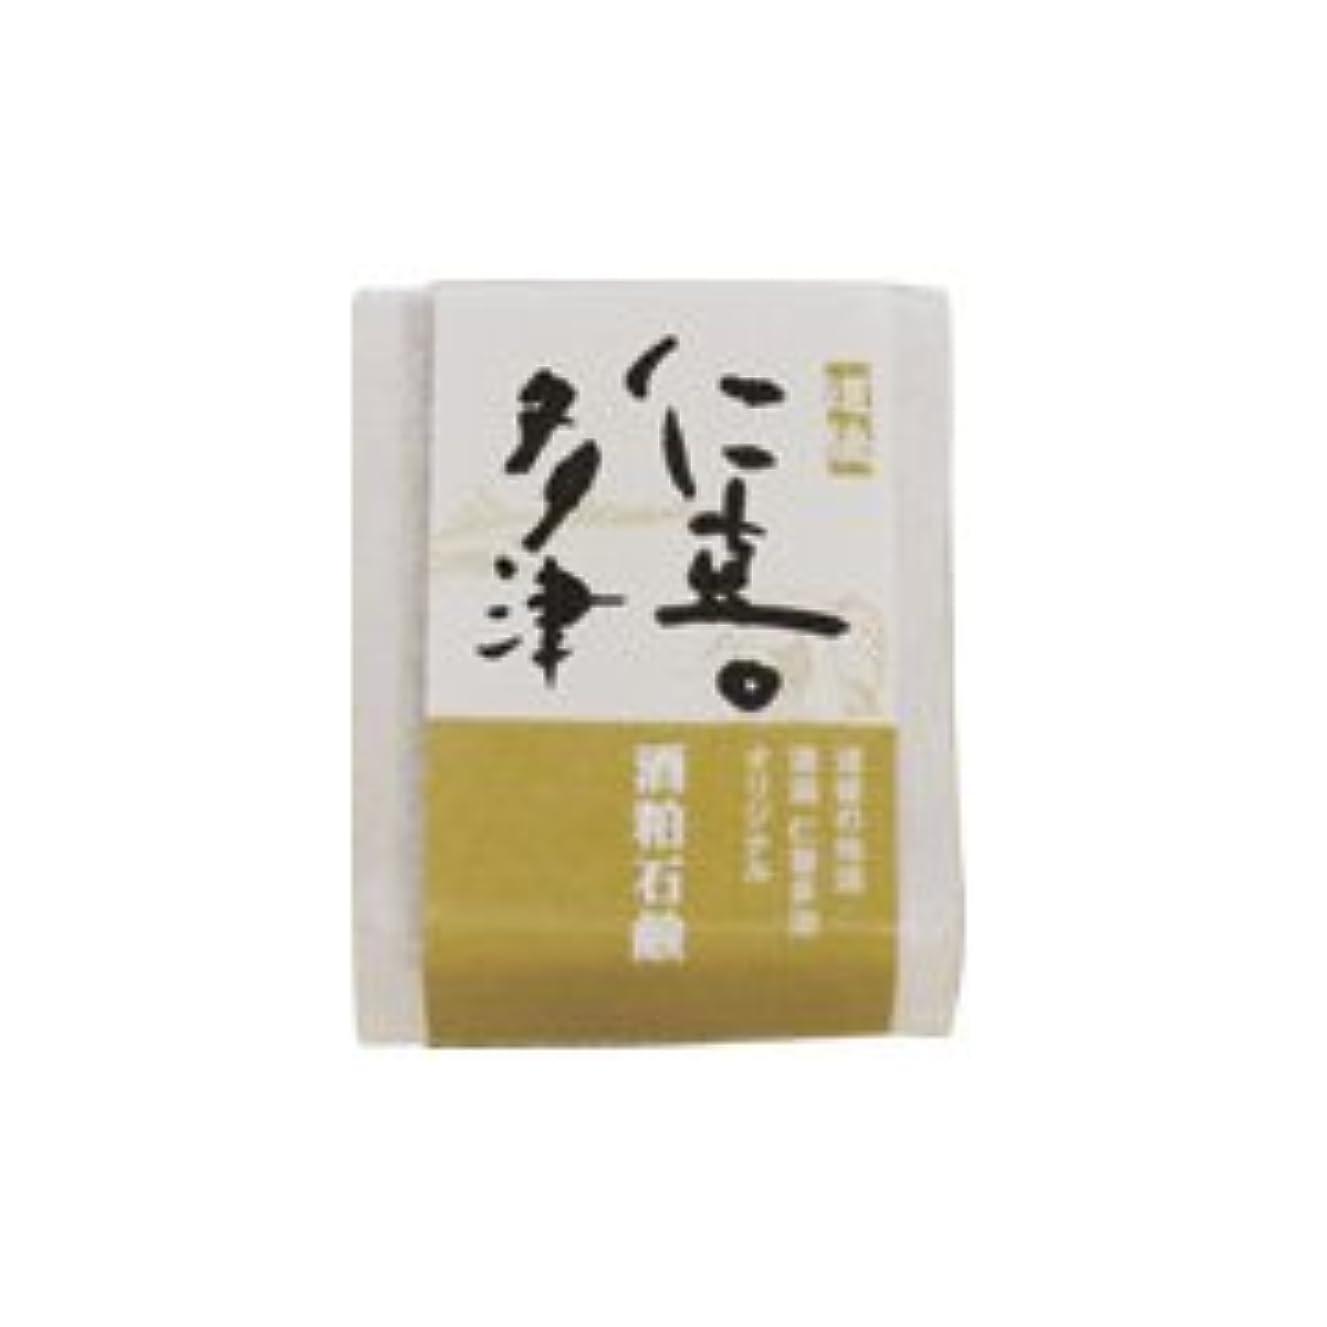 ディプロマ習熟度債務仁喜多津 オリジナル 酒粕石鹸 60g